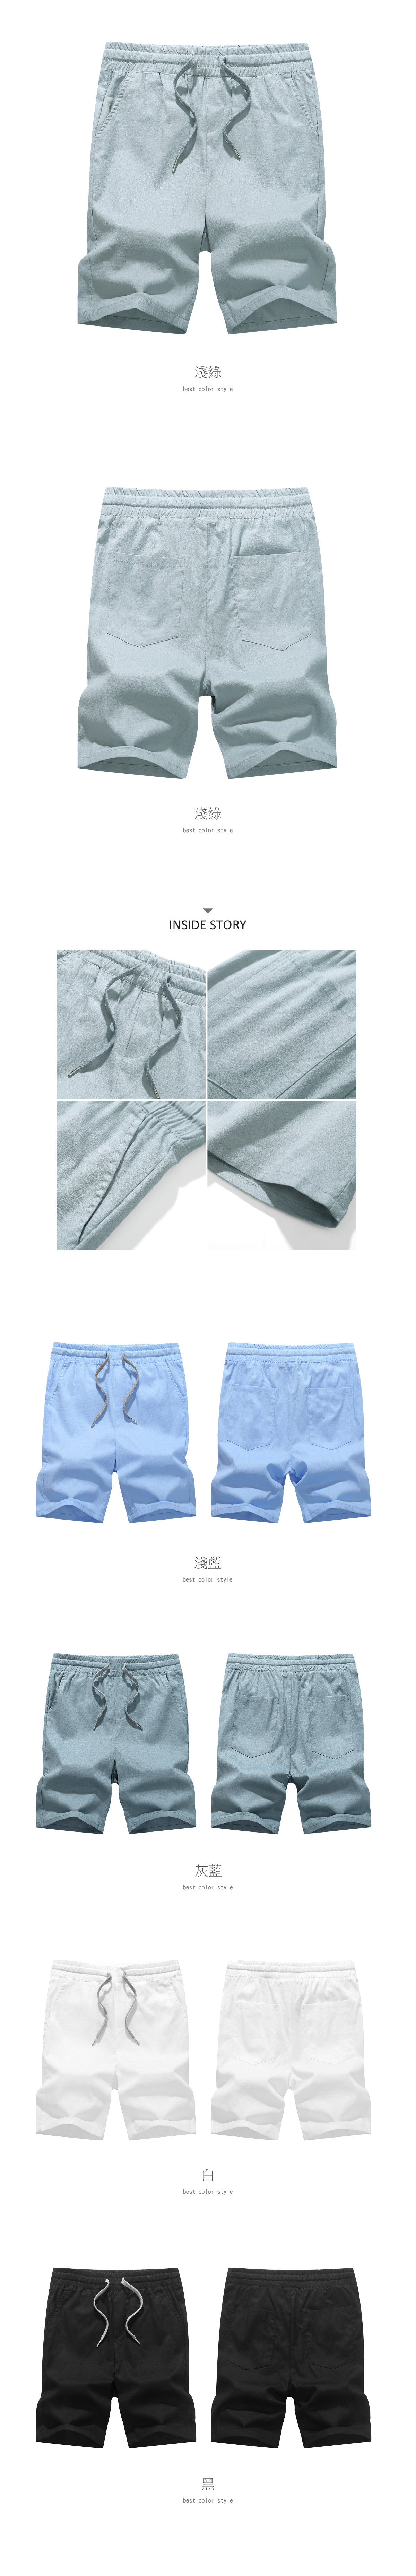 【季末出清】夏日舒適穿搭.棉麻舒適休閒短褲